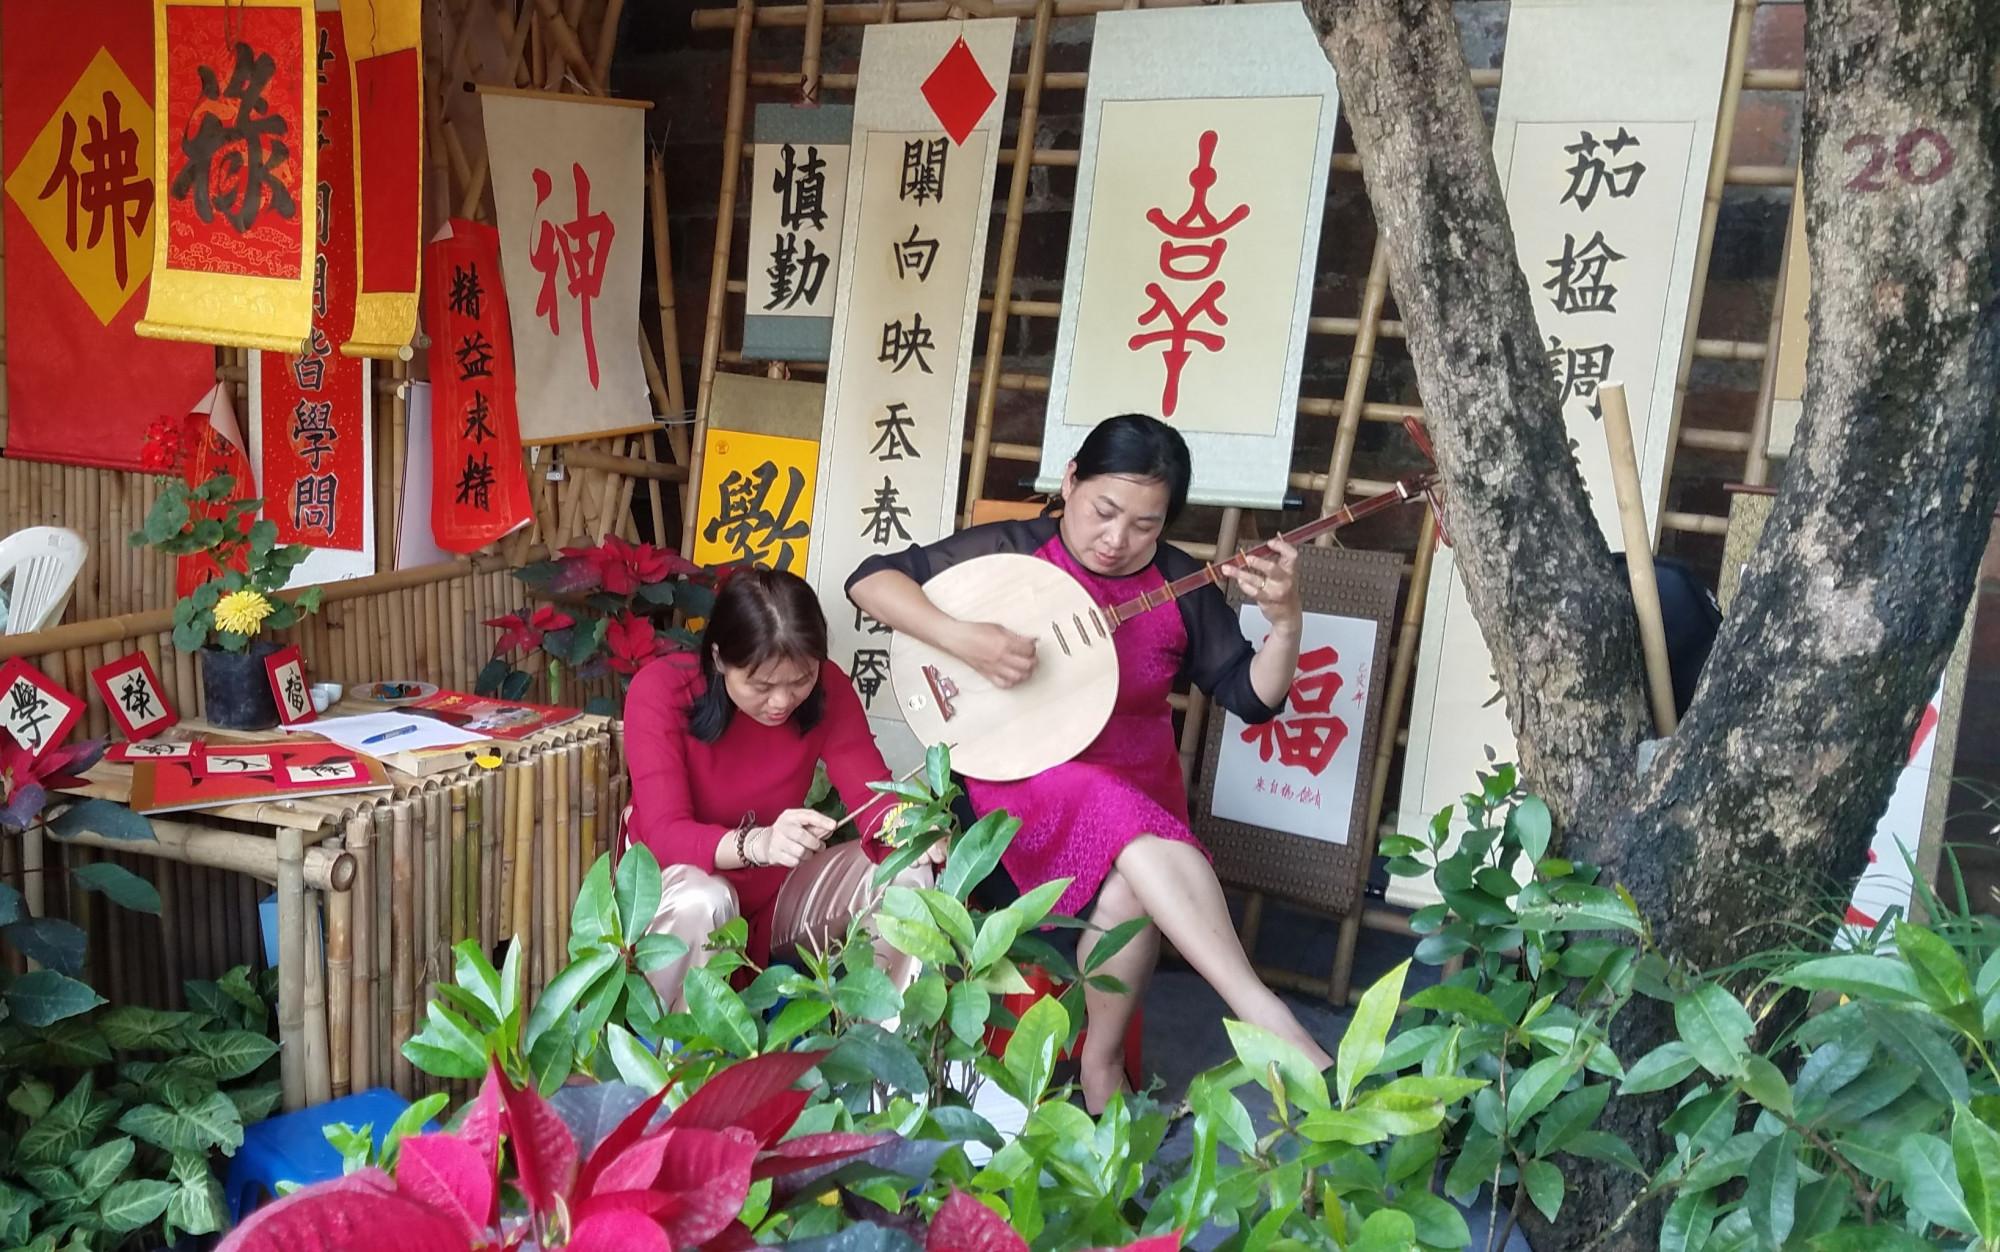 Ngoài xin chữ, du khách còn được thưởng thức âm thanh của nhạc cụ dân tộc